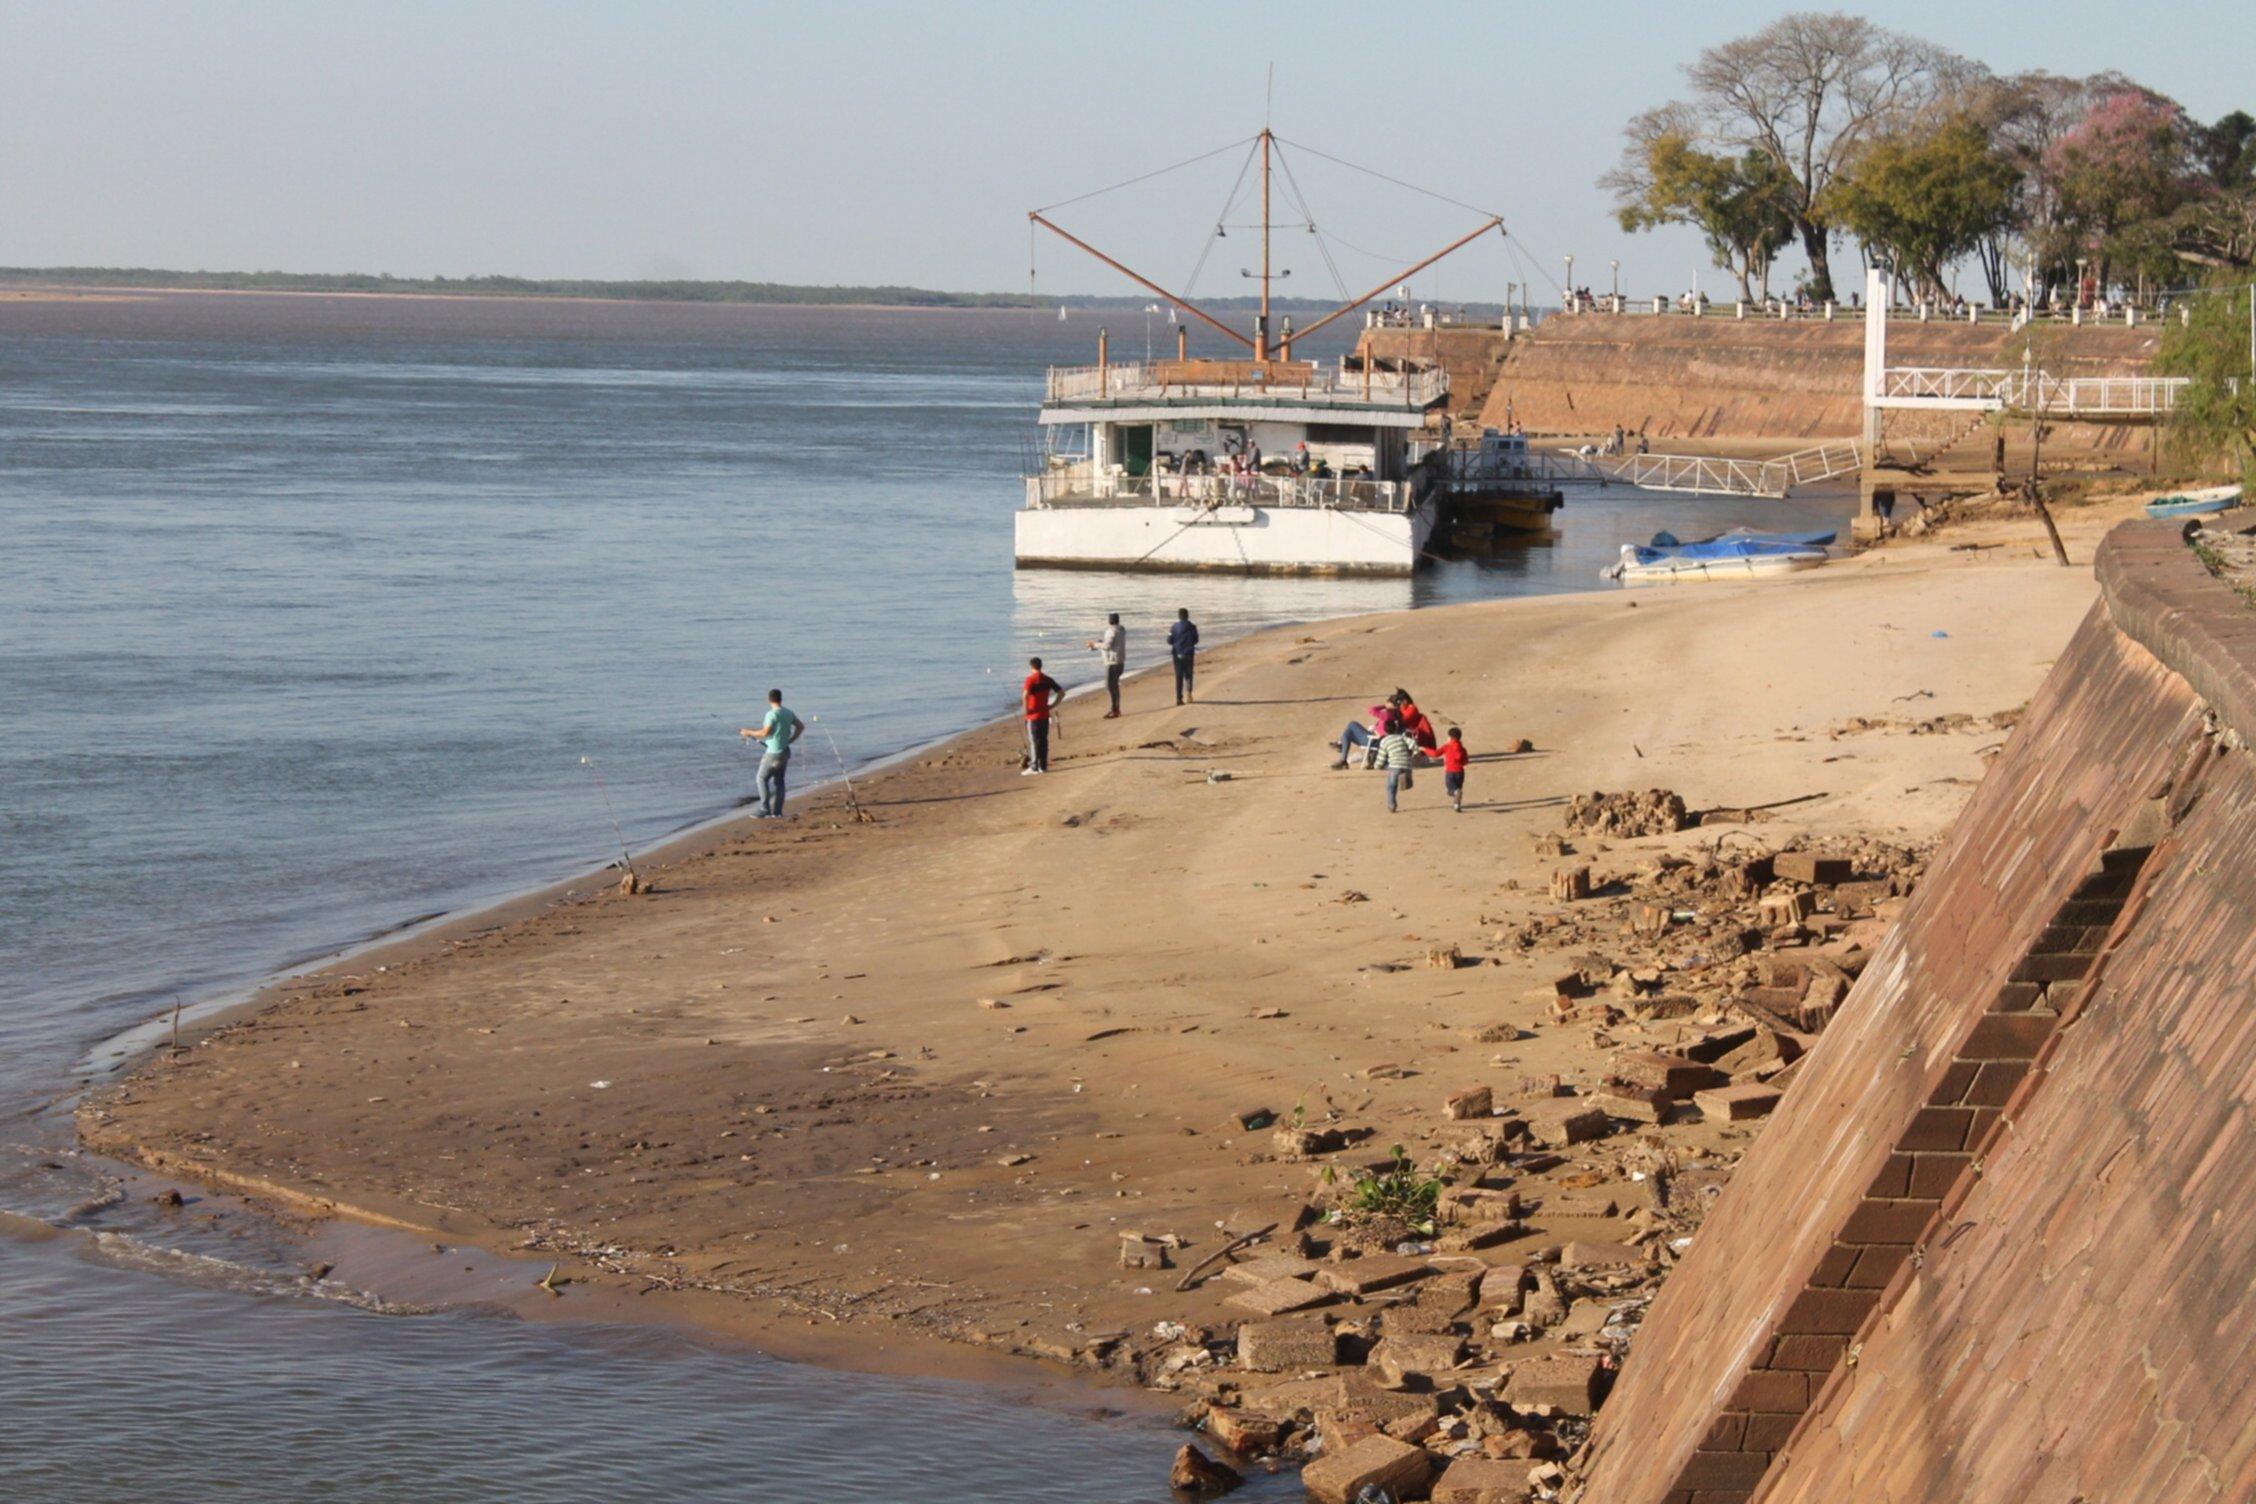 El río Paraná marcó ayer 1,66 metros en Corrientes y continúa con tendencia descendente